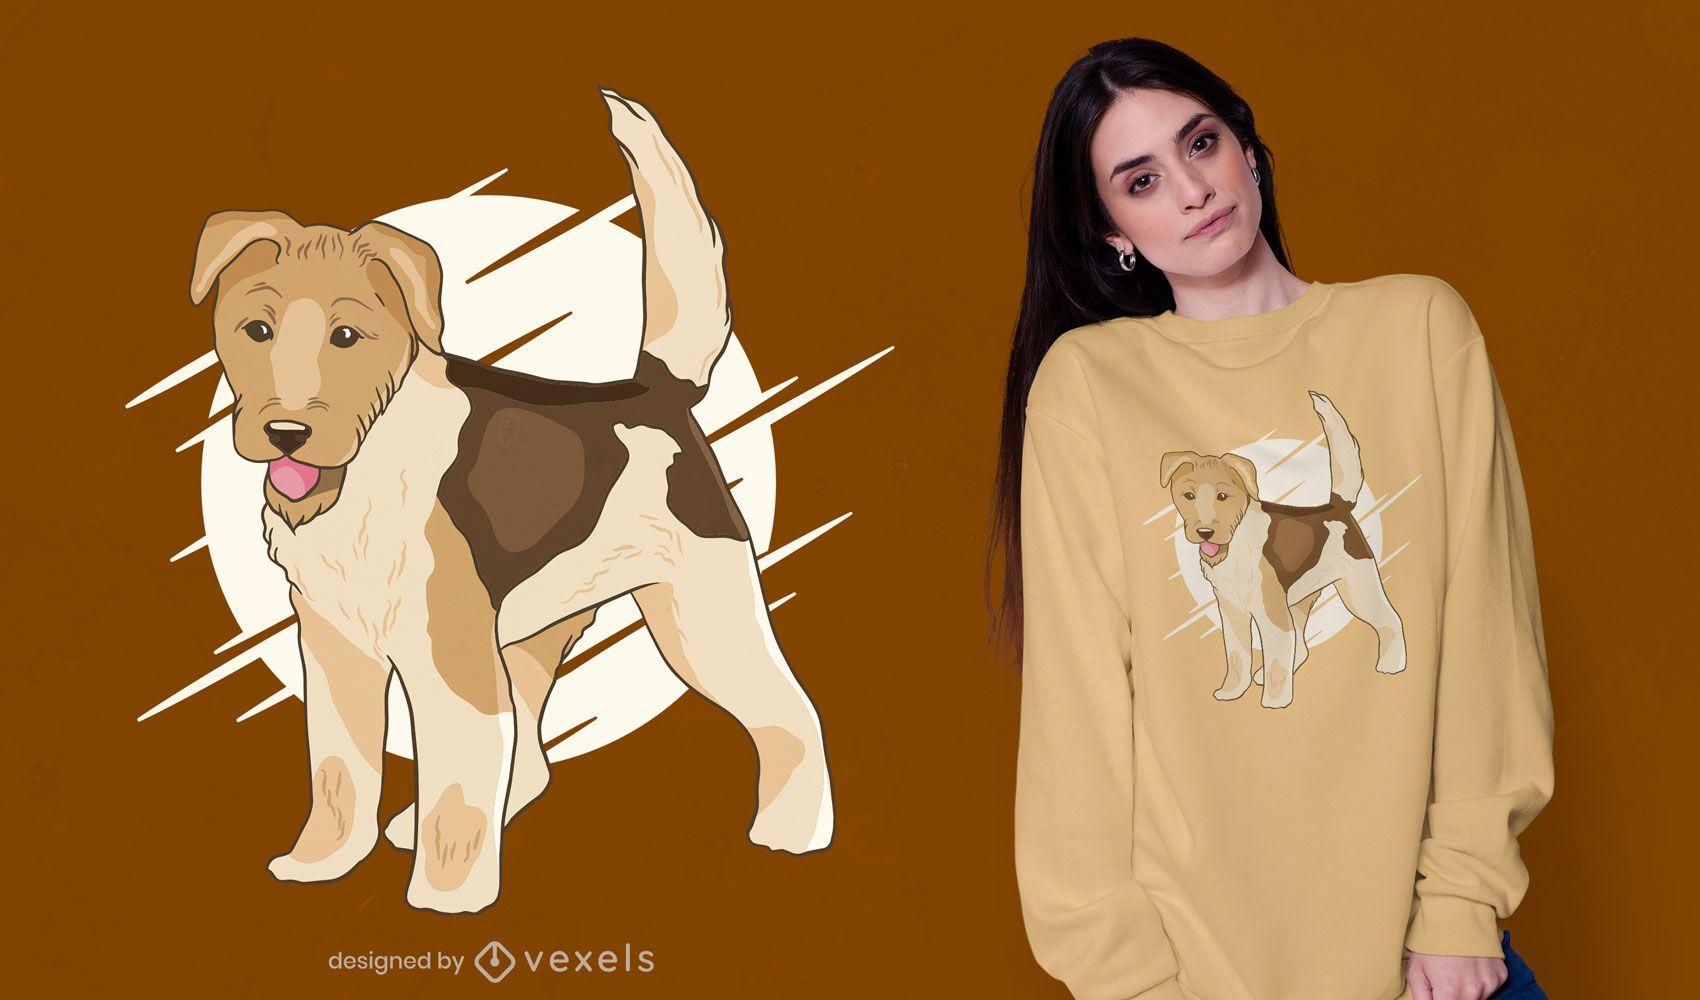 Fox terrier dog t-shirt design